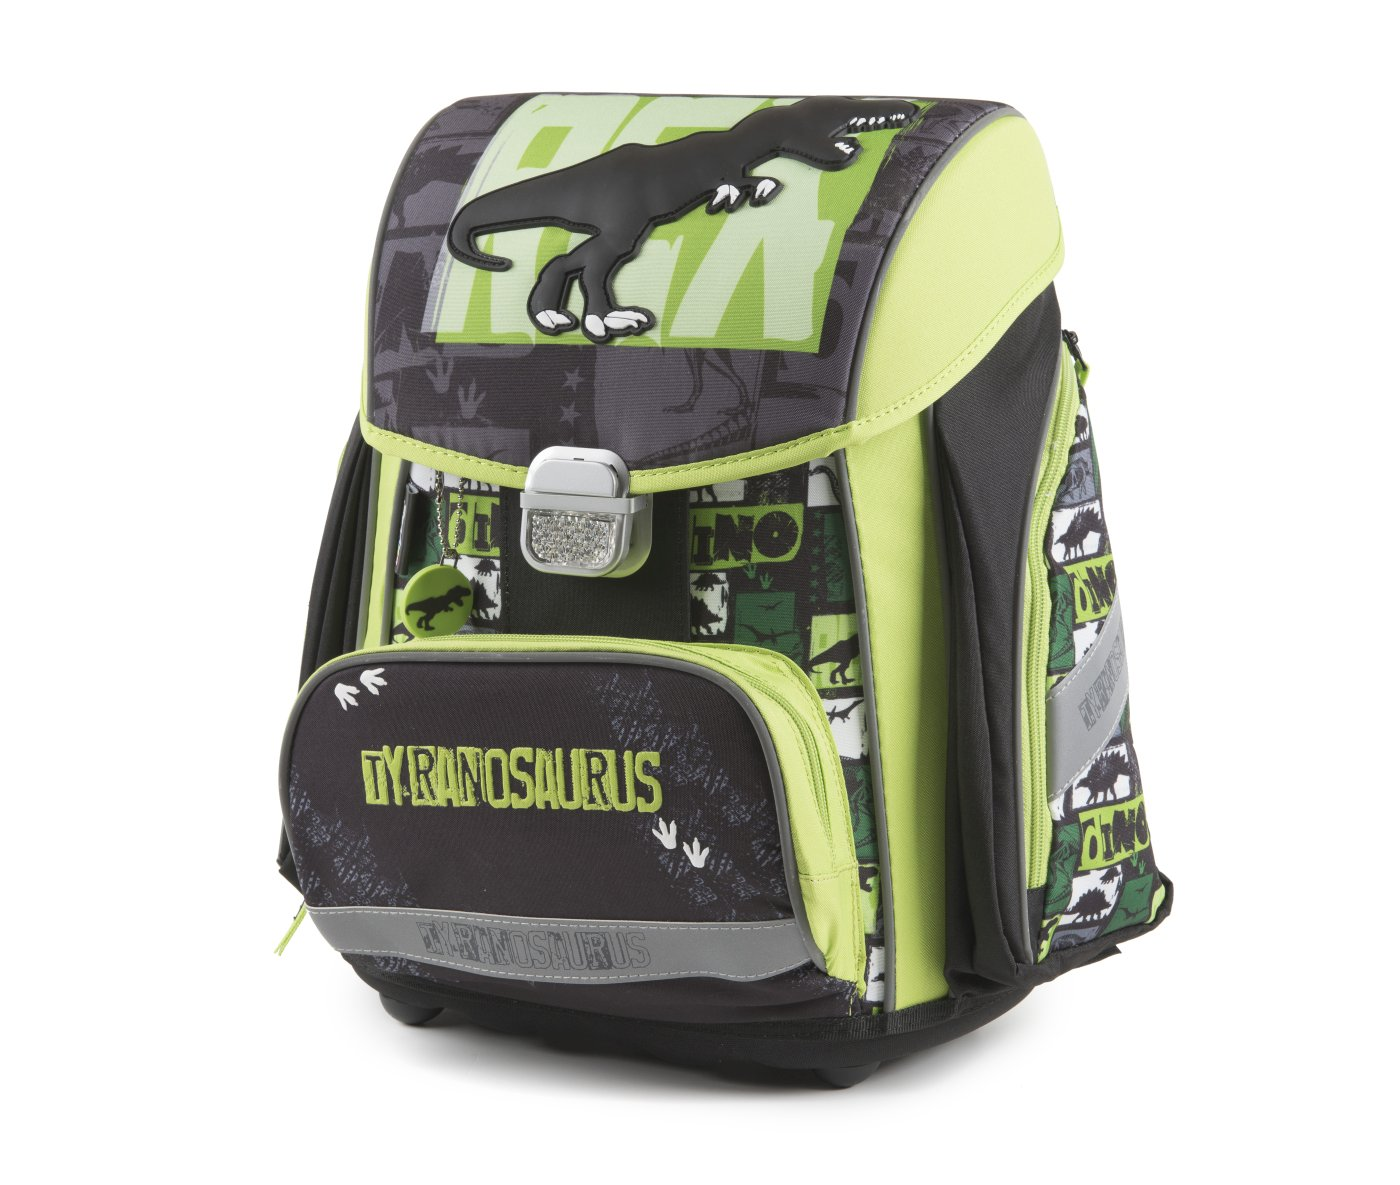 Školní batoh PREMIUM T-rex - Školní potřeby » BATOHY A AKTOVKY » PREMIUM 8c02f7e6e1